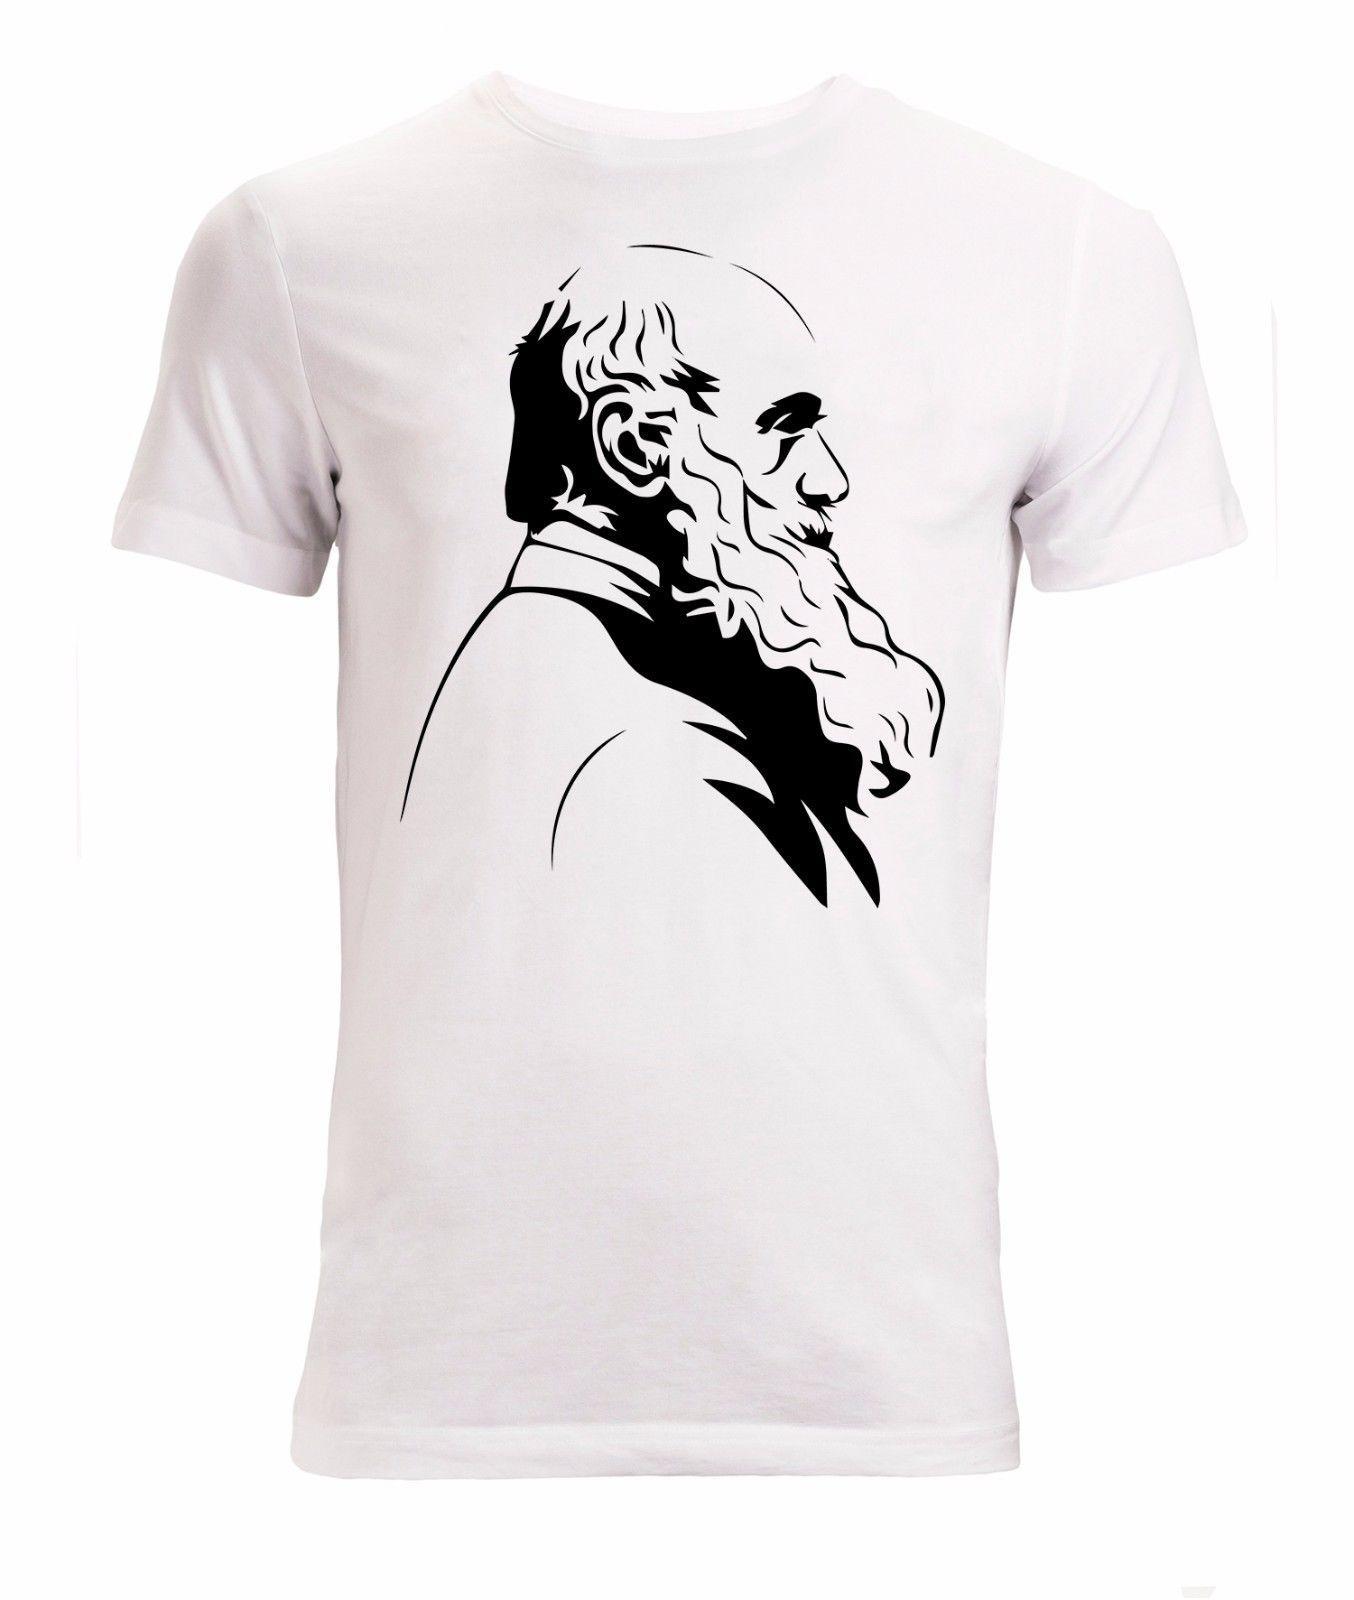 Yeni Moda Casual T Gömlek Soğuk Charles Darwin Ünlü Biyolog Profili Erkek (kadının kullanılabilir) Beyaz Yaz Tee Gömlek